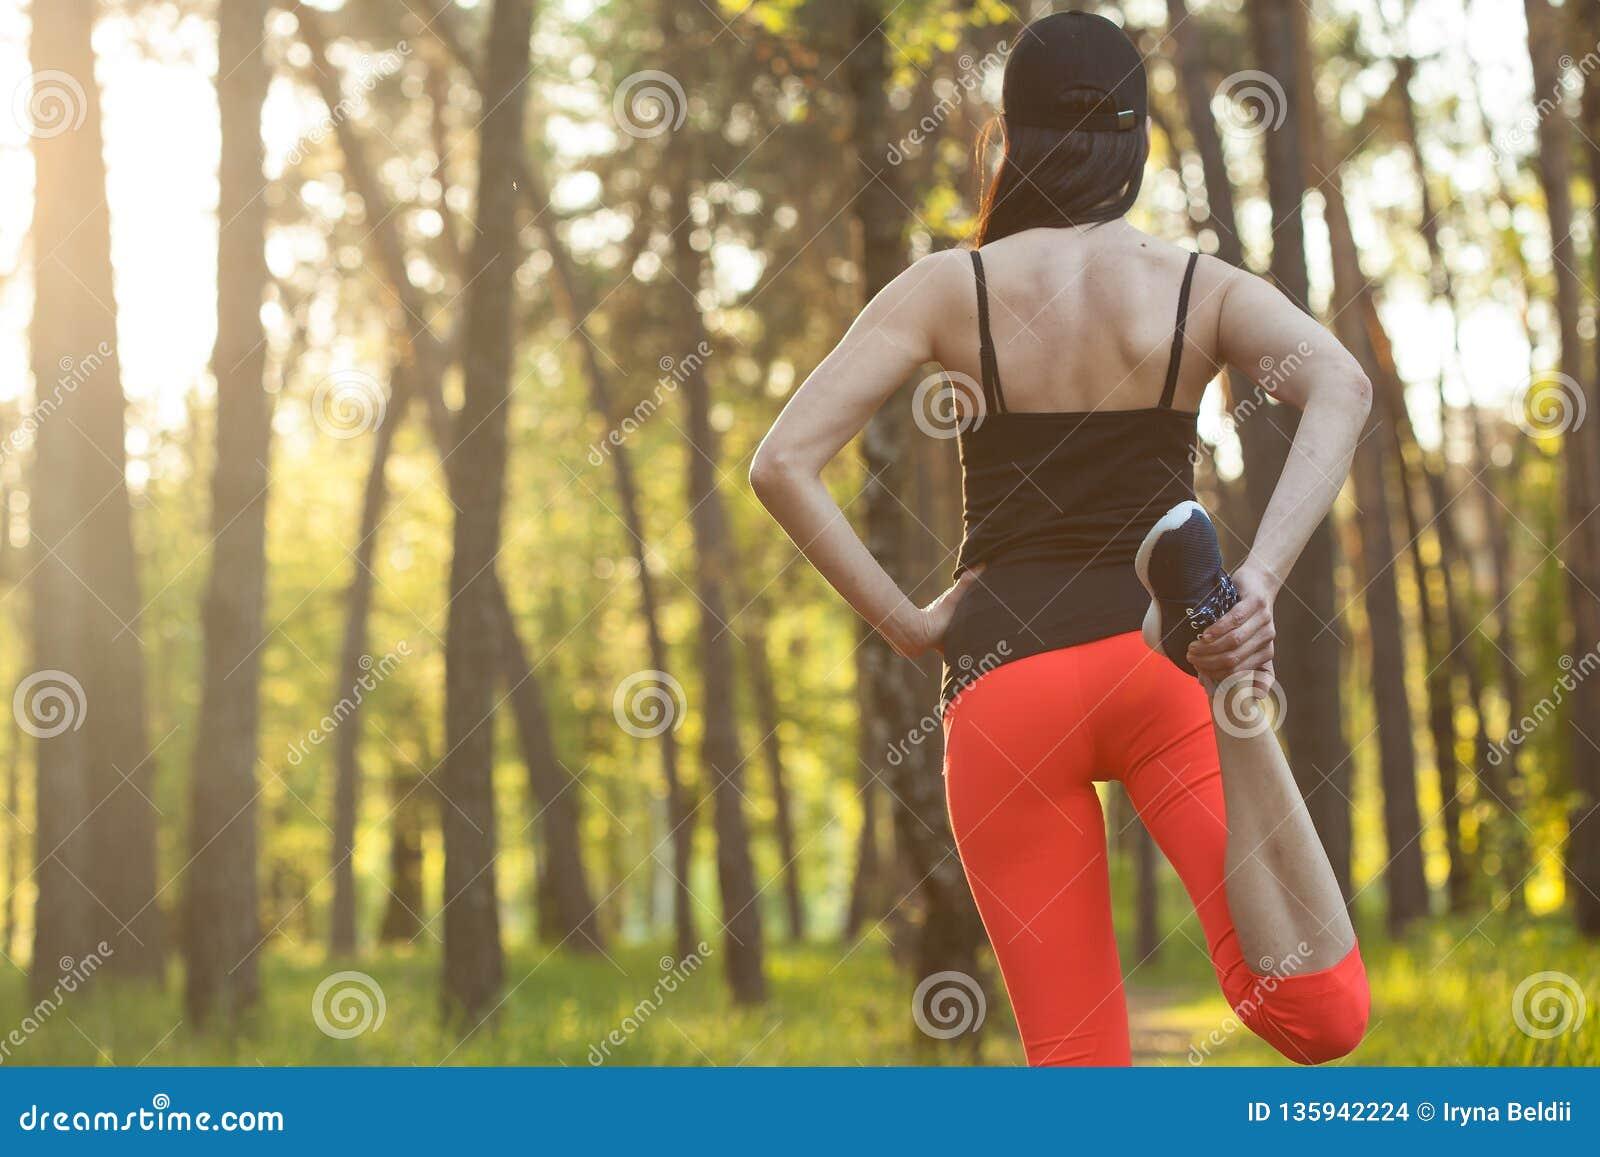 Meisjessporten Het uitrekken zich Het lopen in het bos